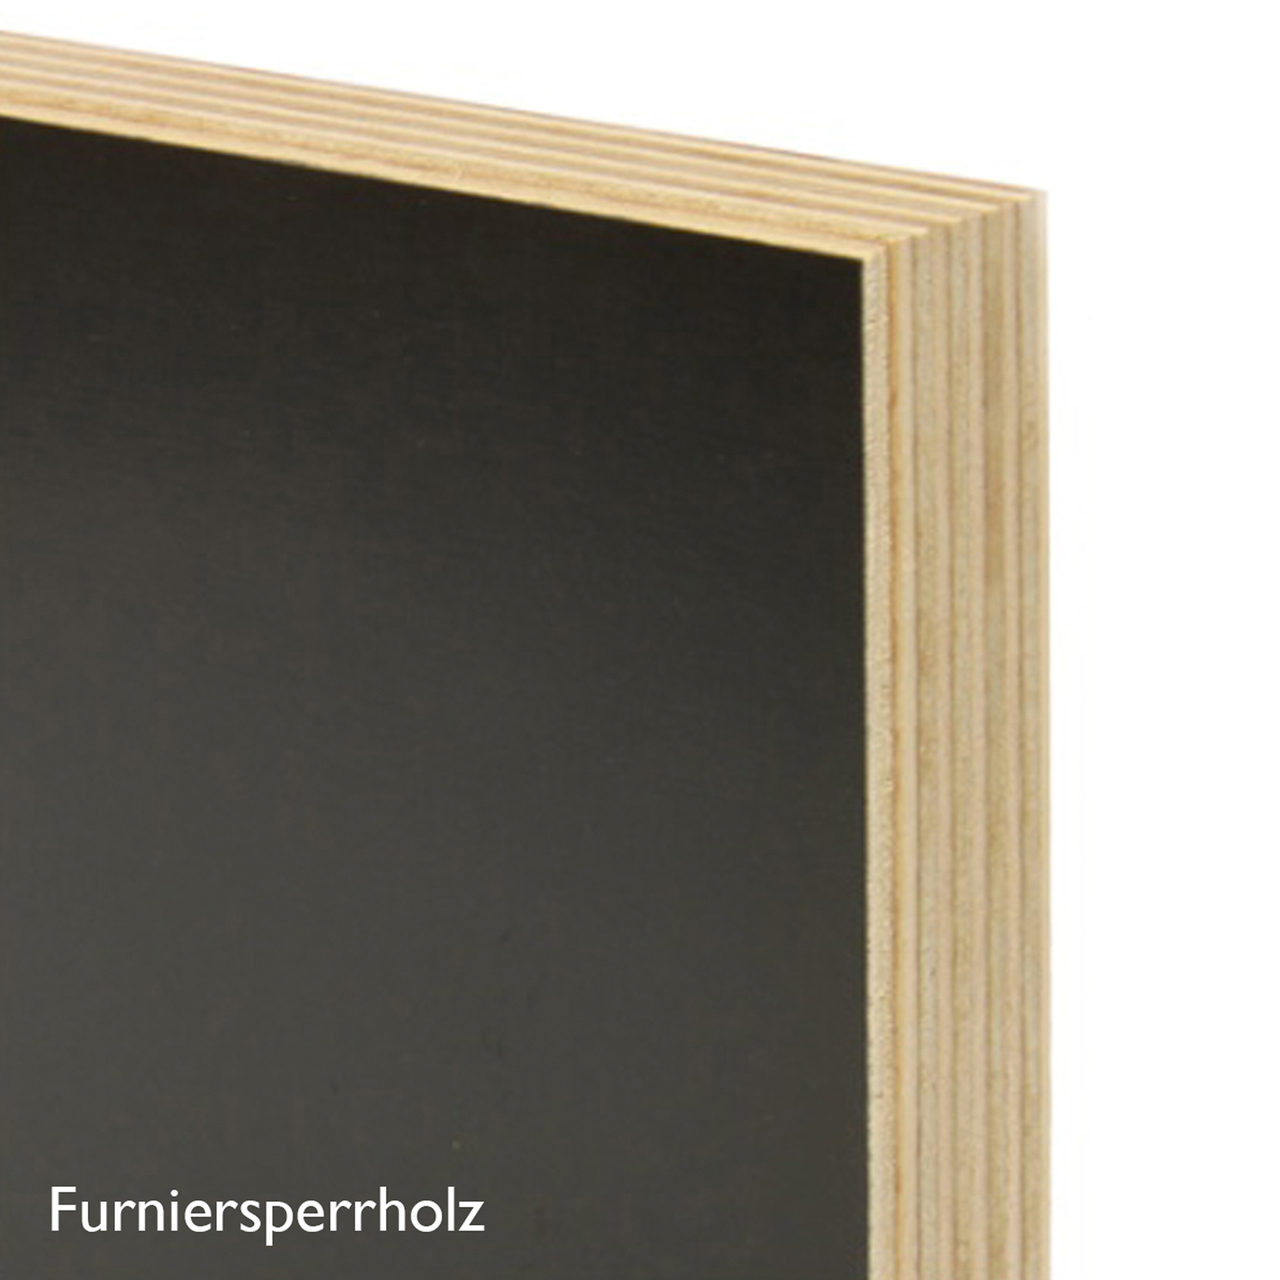 Regal FNP Furniersperrholz schwarz